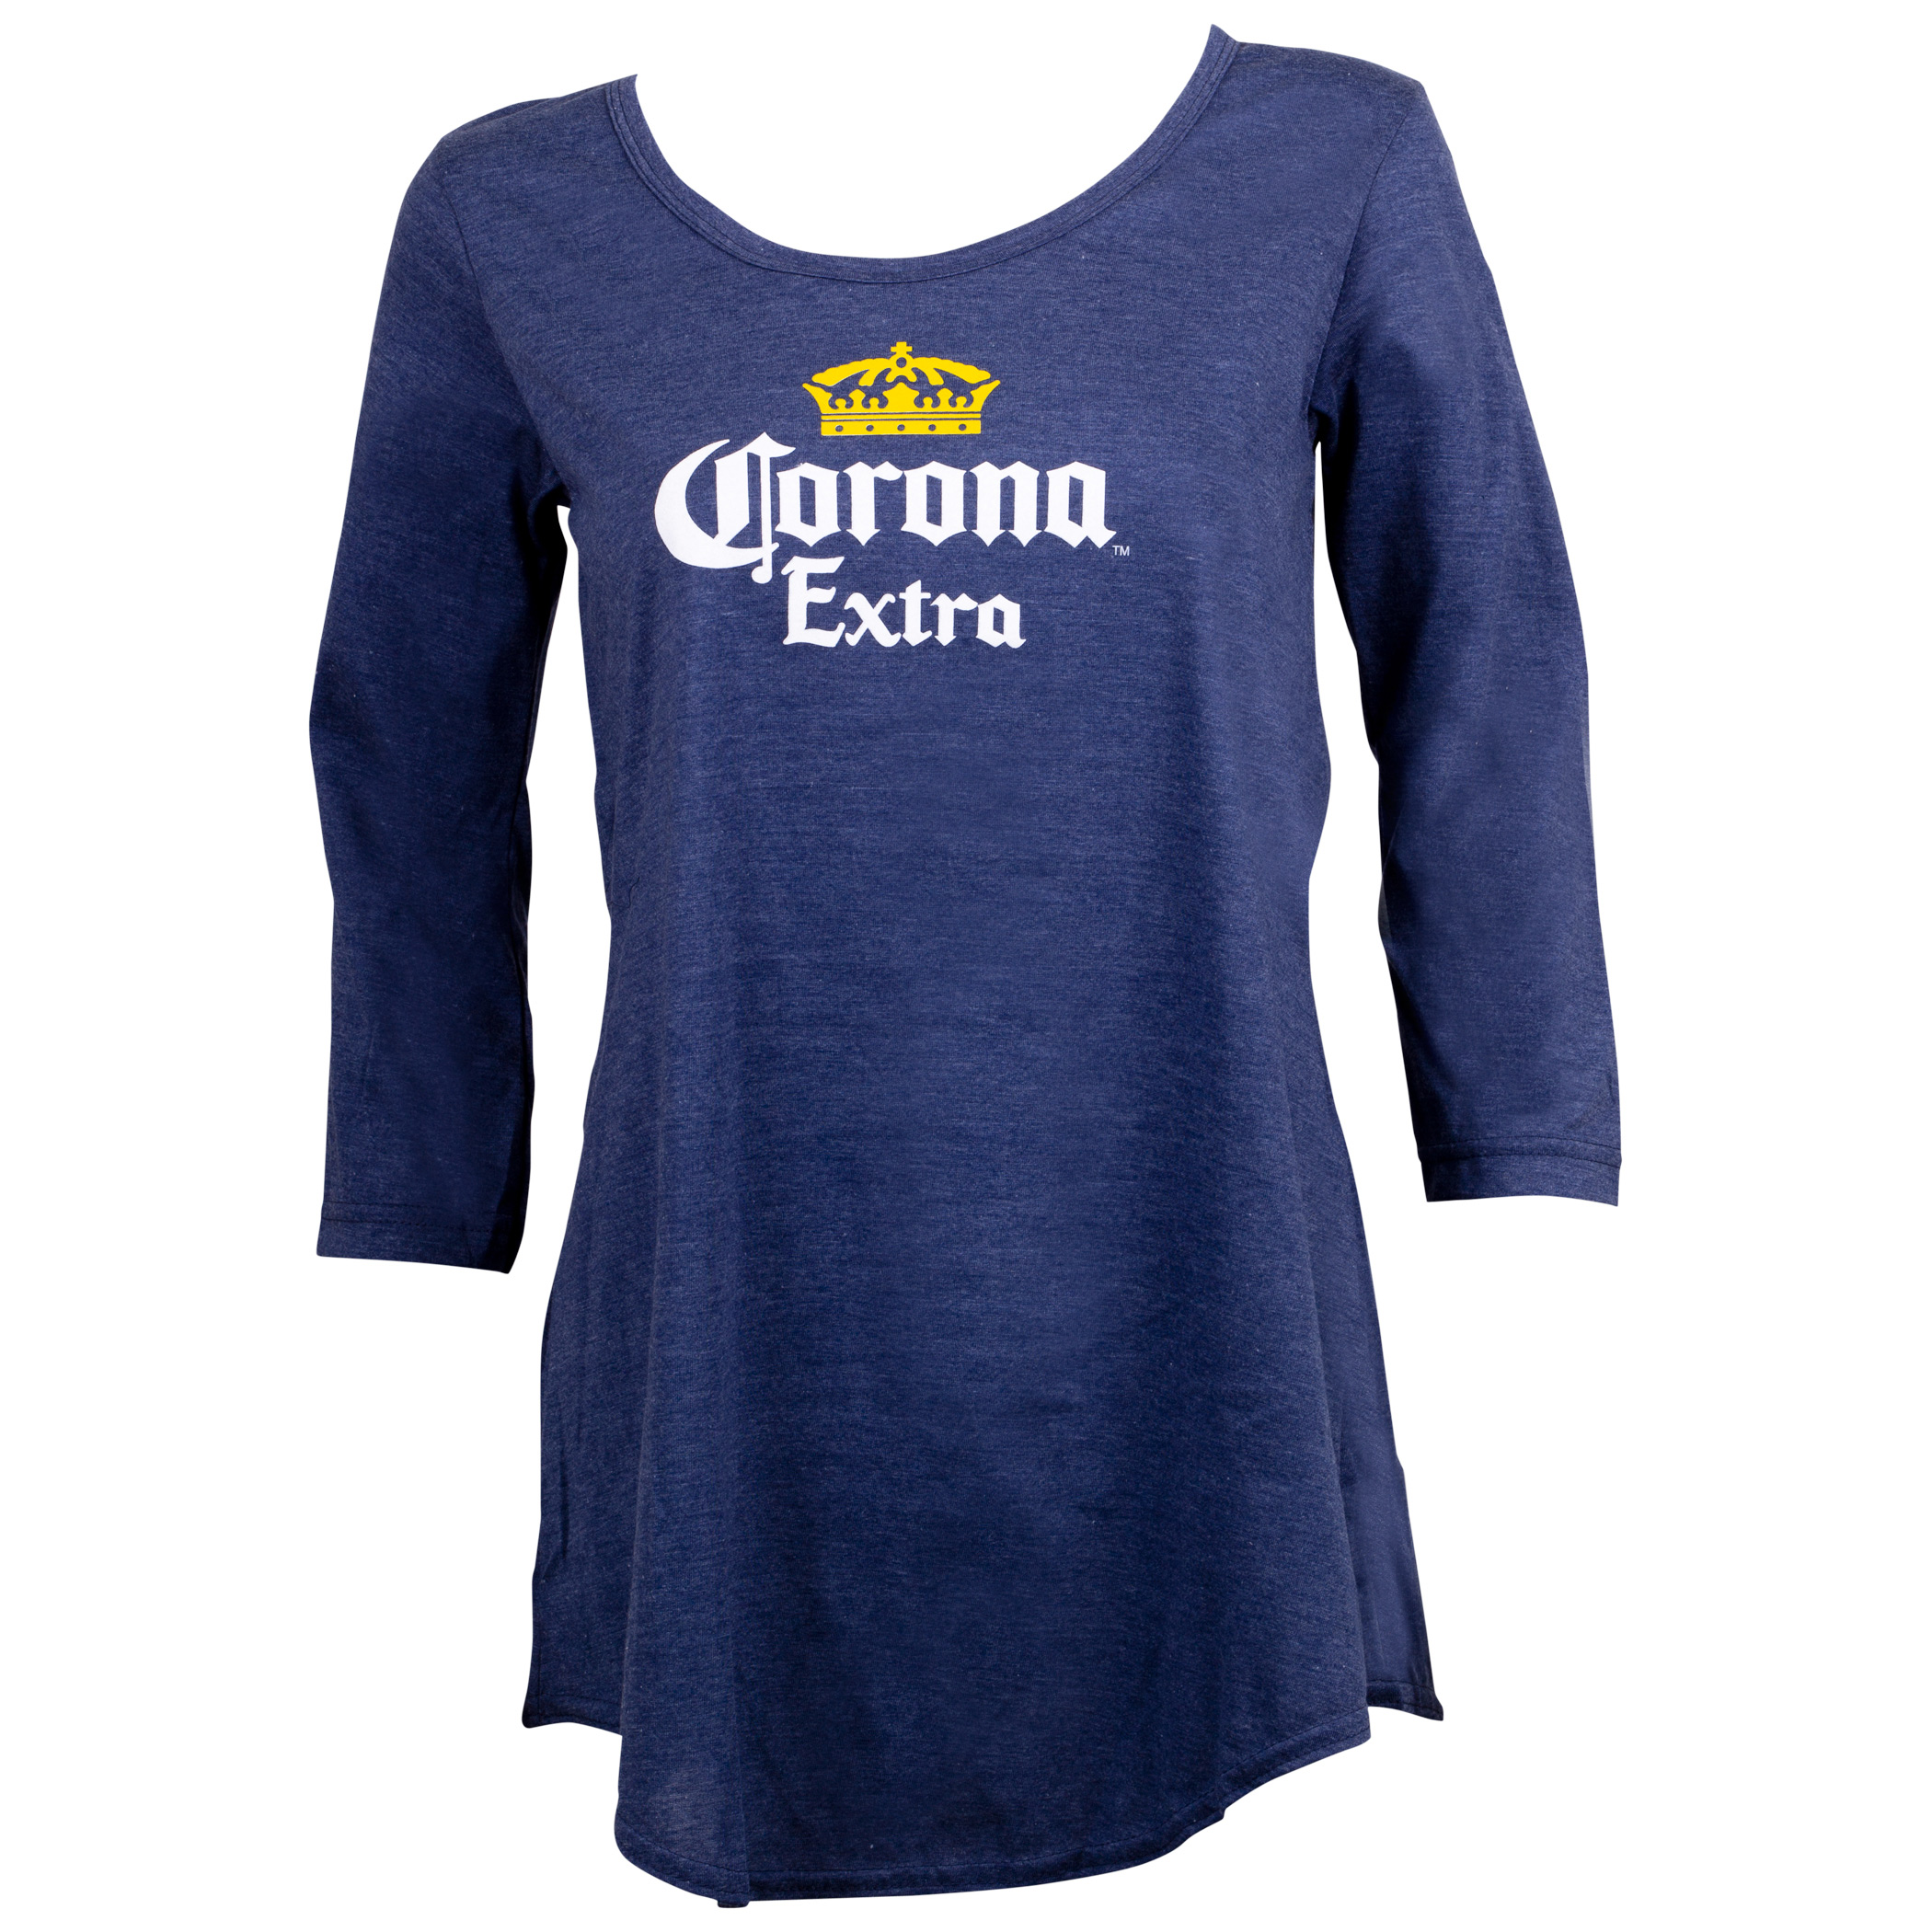 Corona Long Sleeve Women's Shirt